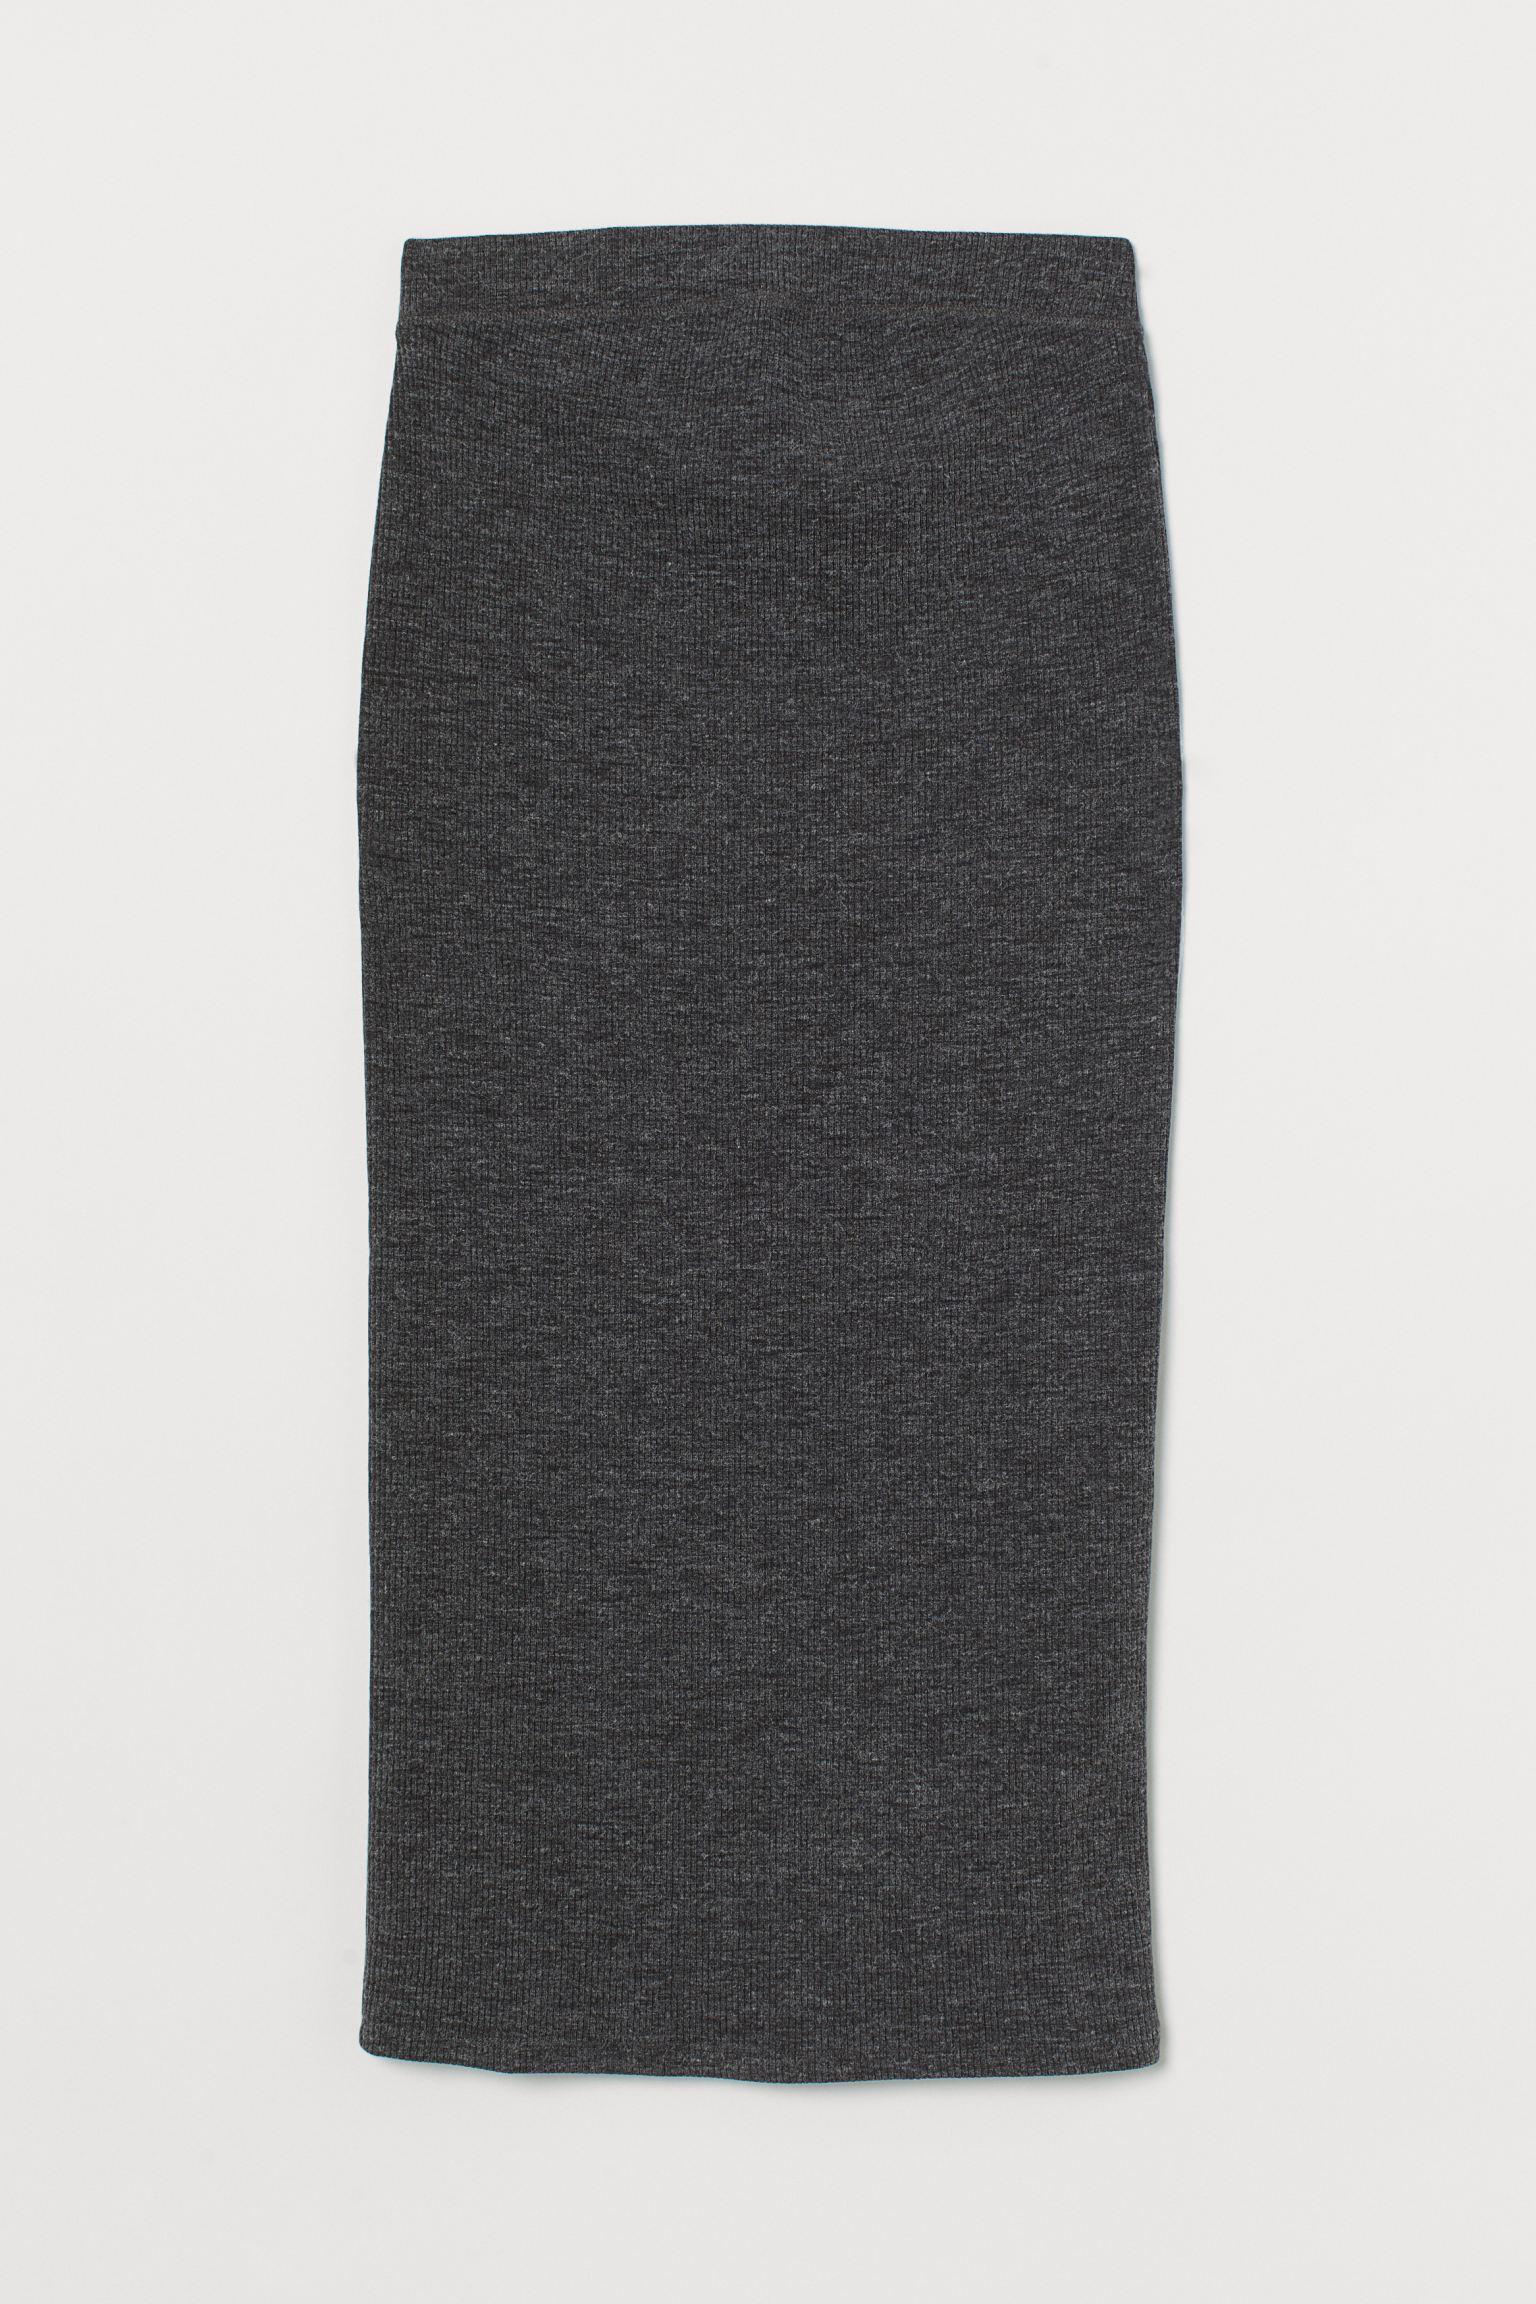 Falda midi ajustada de canalé